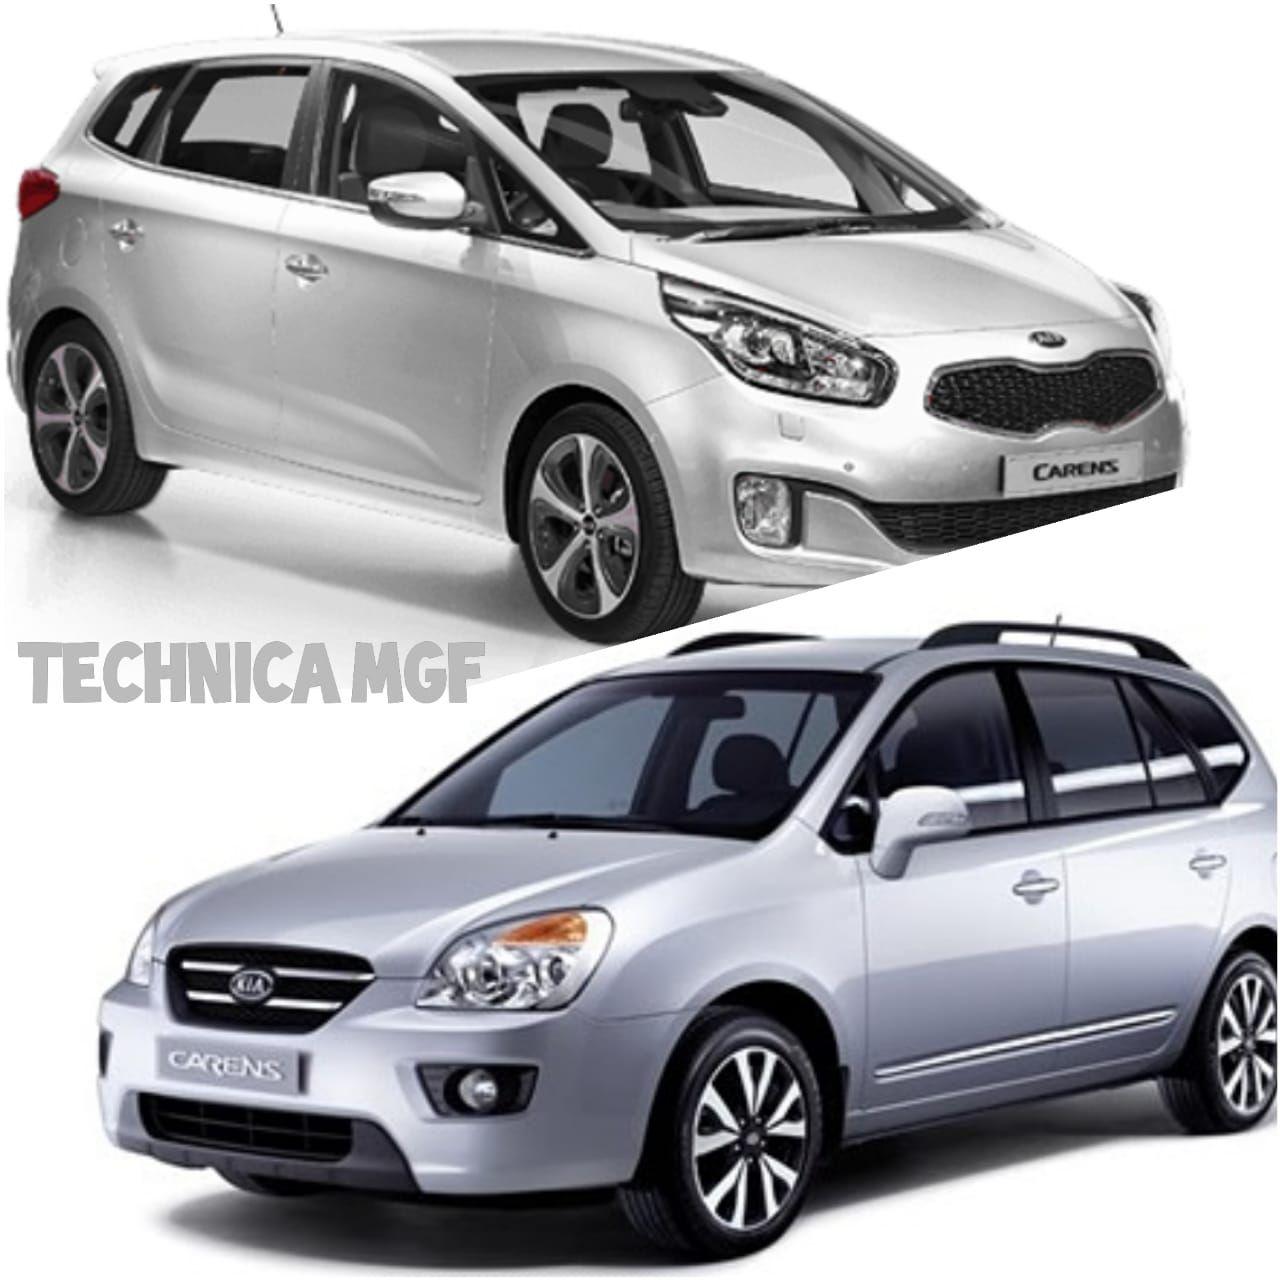 كارينز الشكل القديم ولا الجديد Suv Suv Car Vehicles